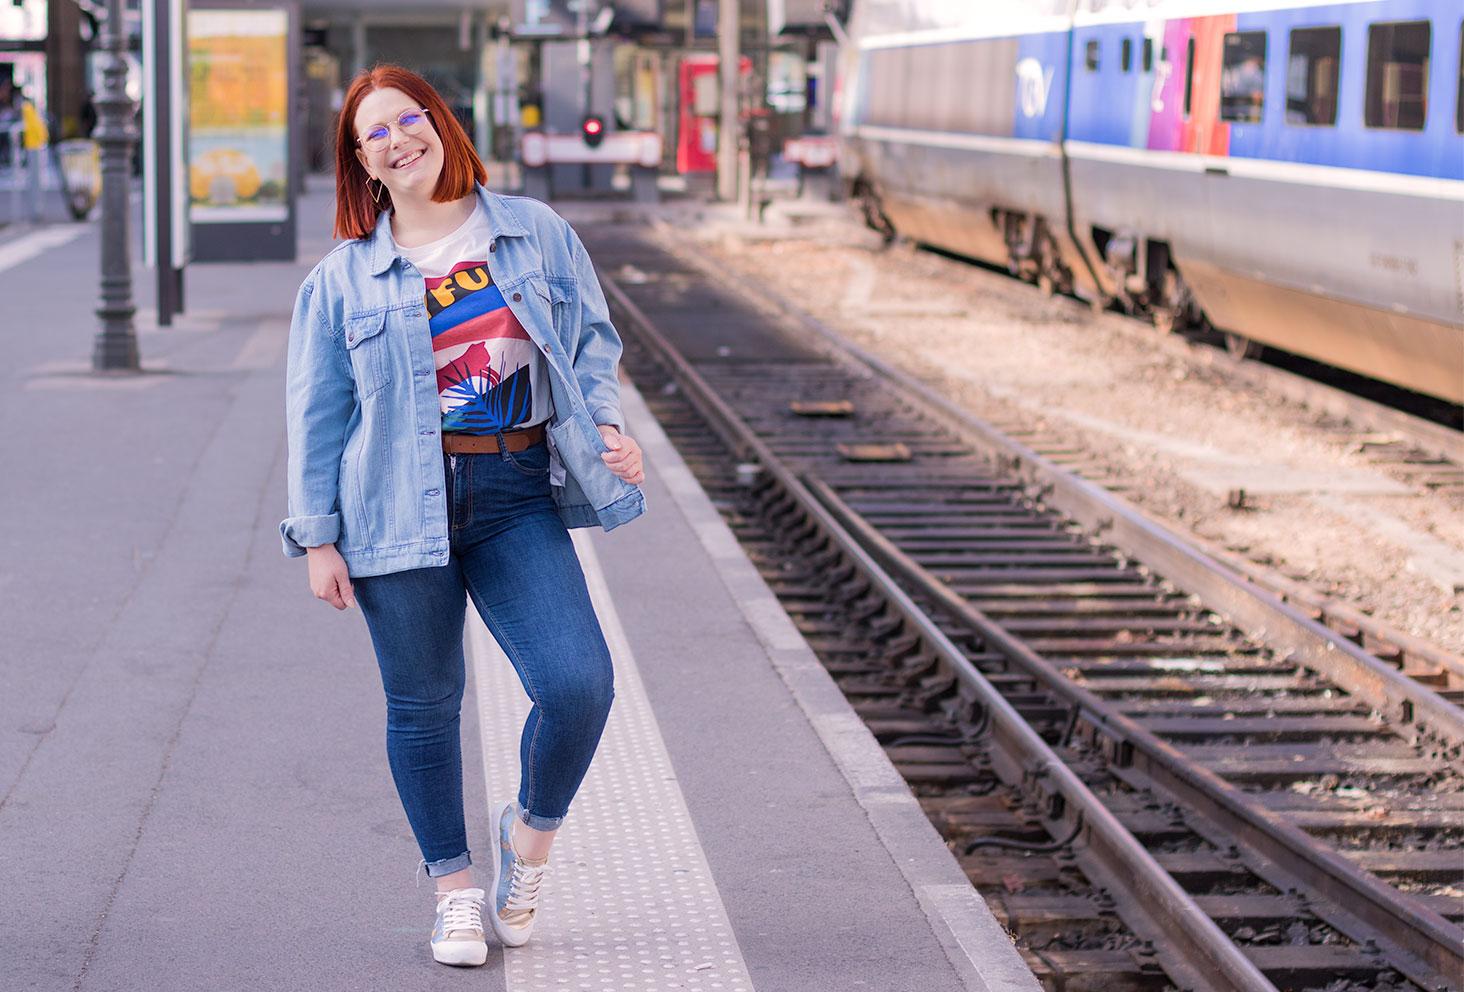 Le long des quais de la gare de Tours, en veste loose en jean avec le sourire